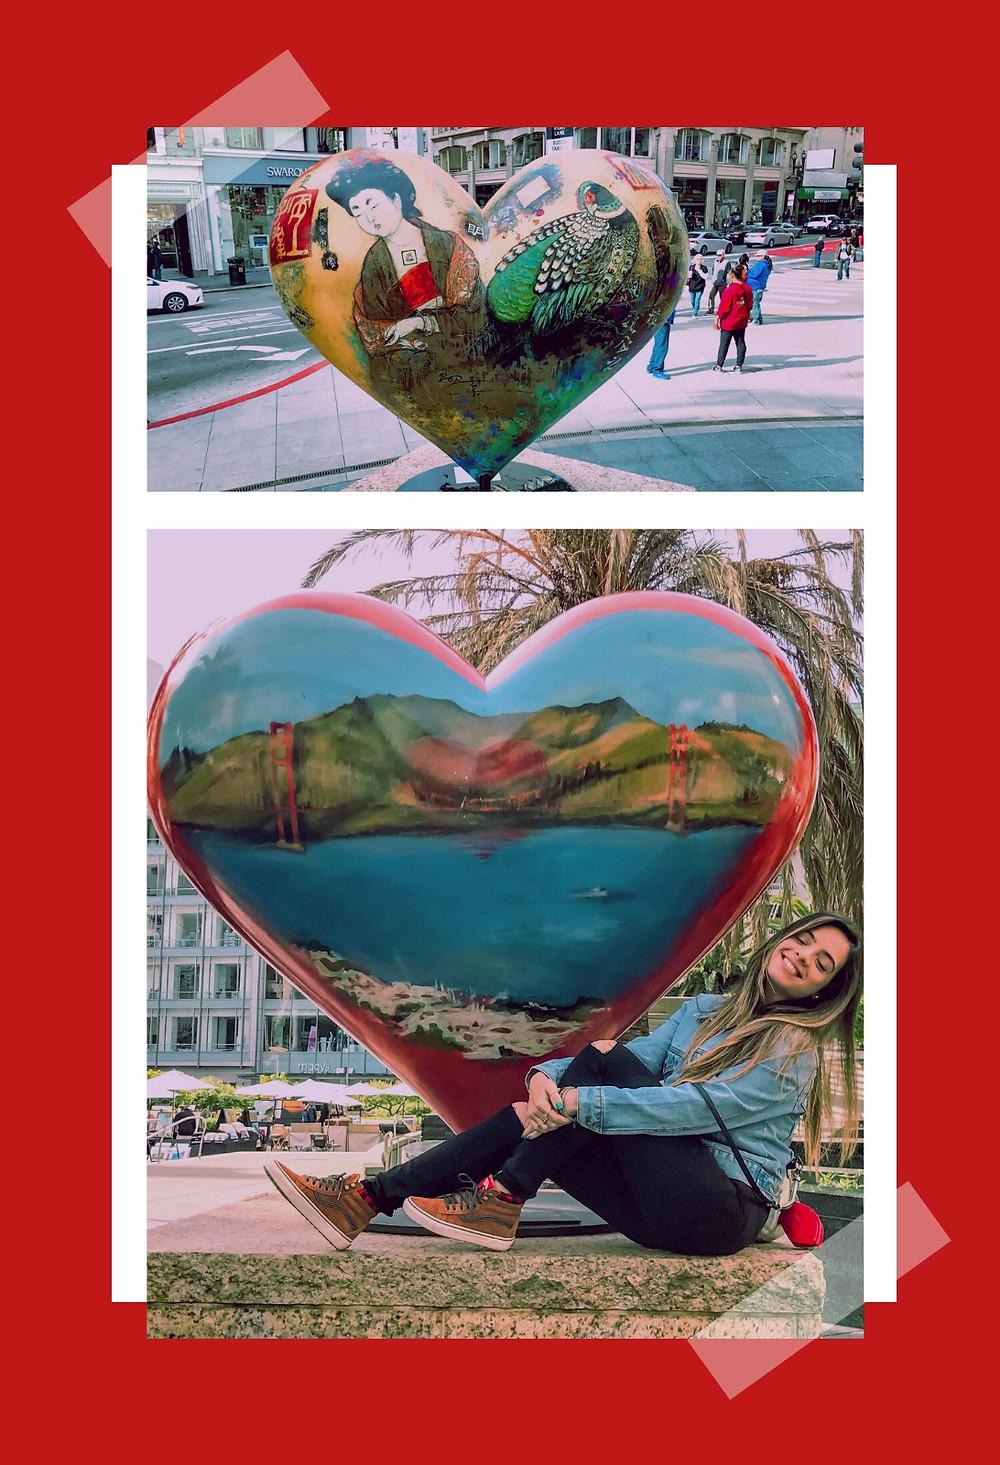 San Francisco union square photo collage